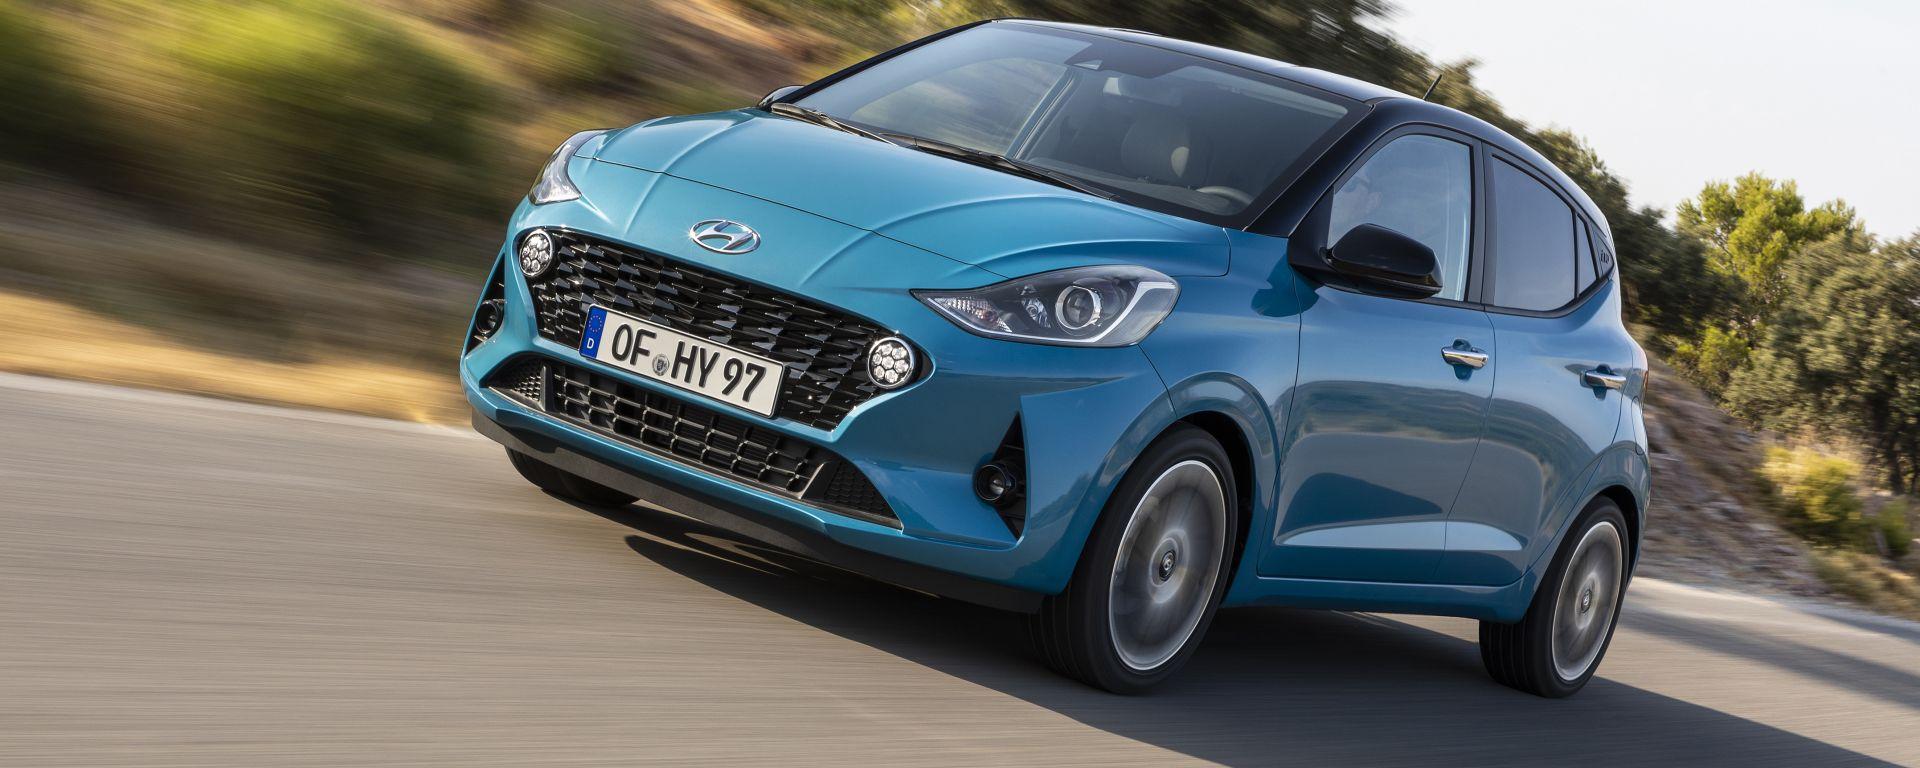 Hyundai i10 2020: tutti i suoi segreti in anteprima